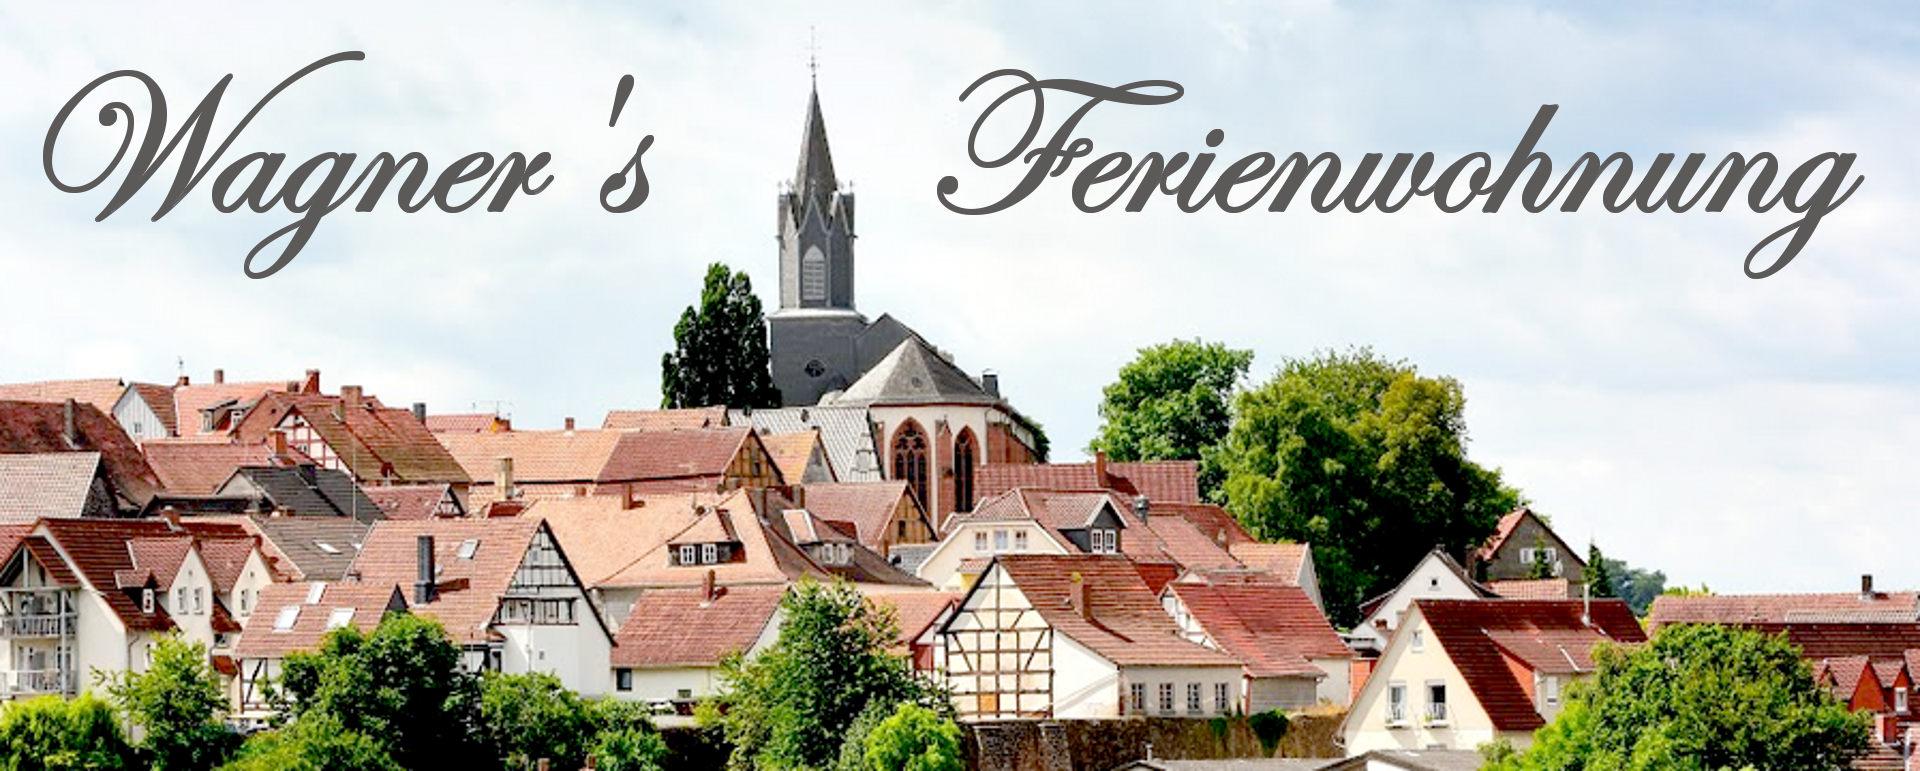 Wagners Ferienwohnung in Schwalmstadt-Treysa